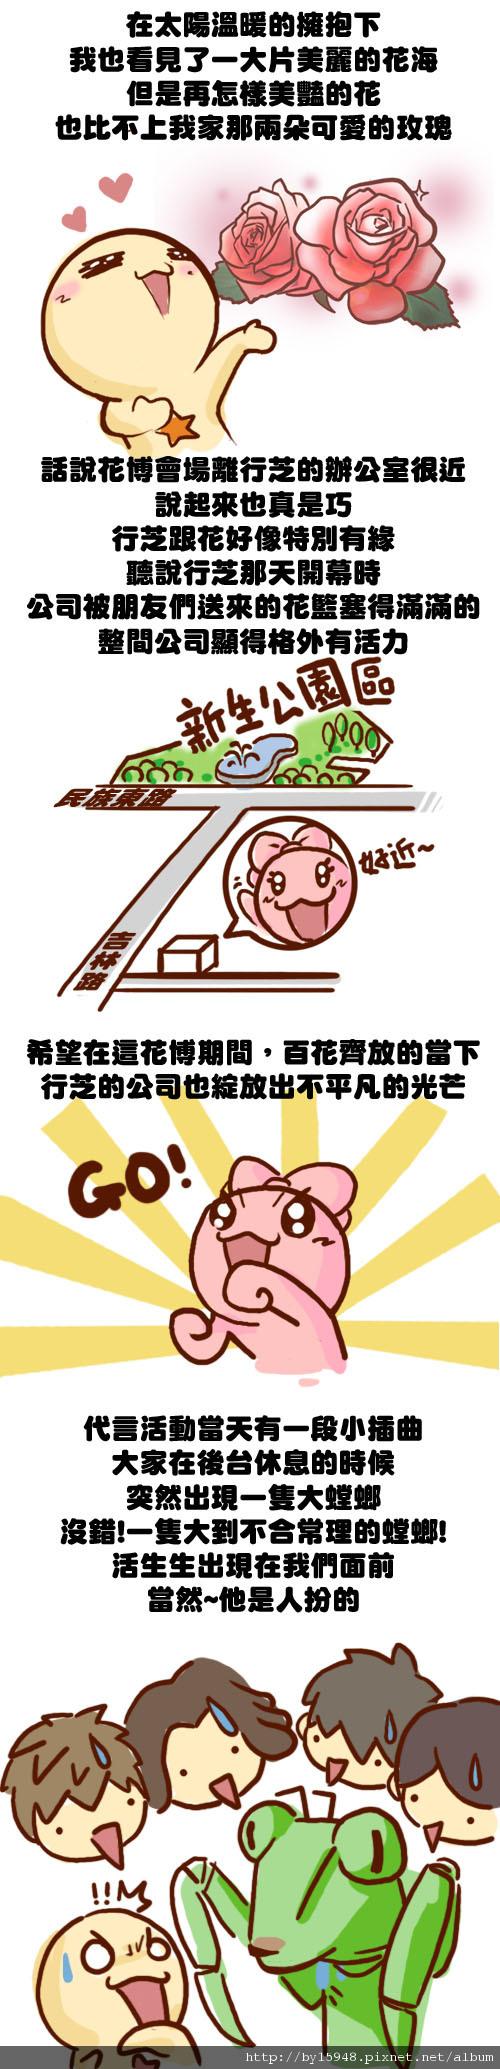 花博代言活動篇02